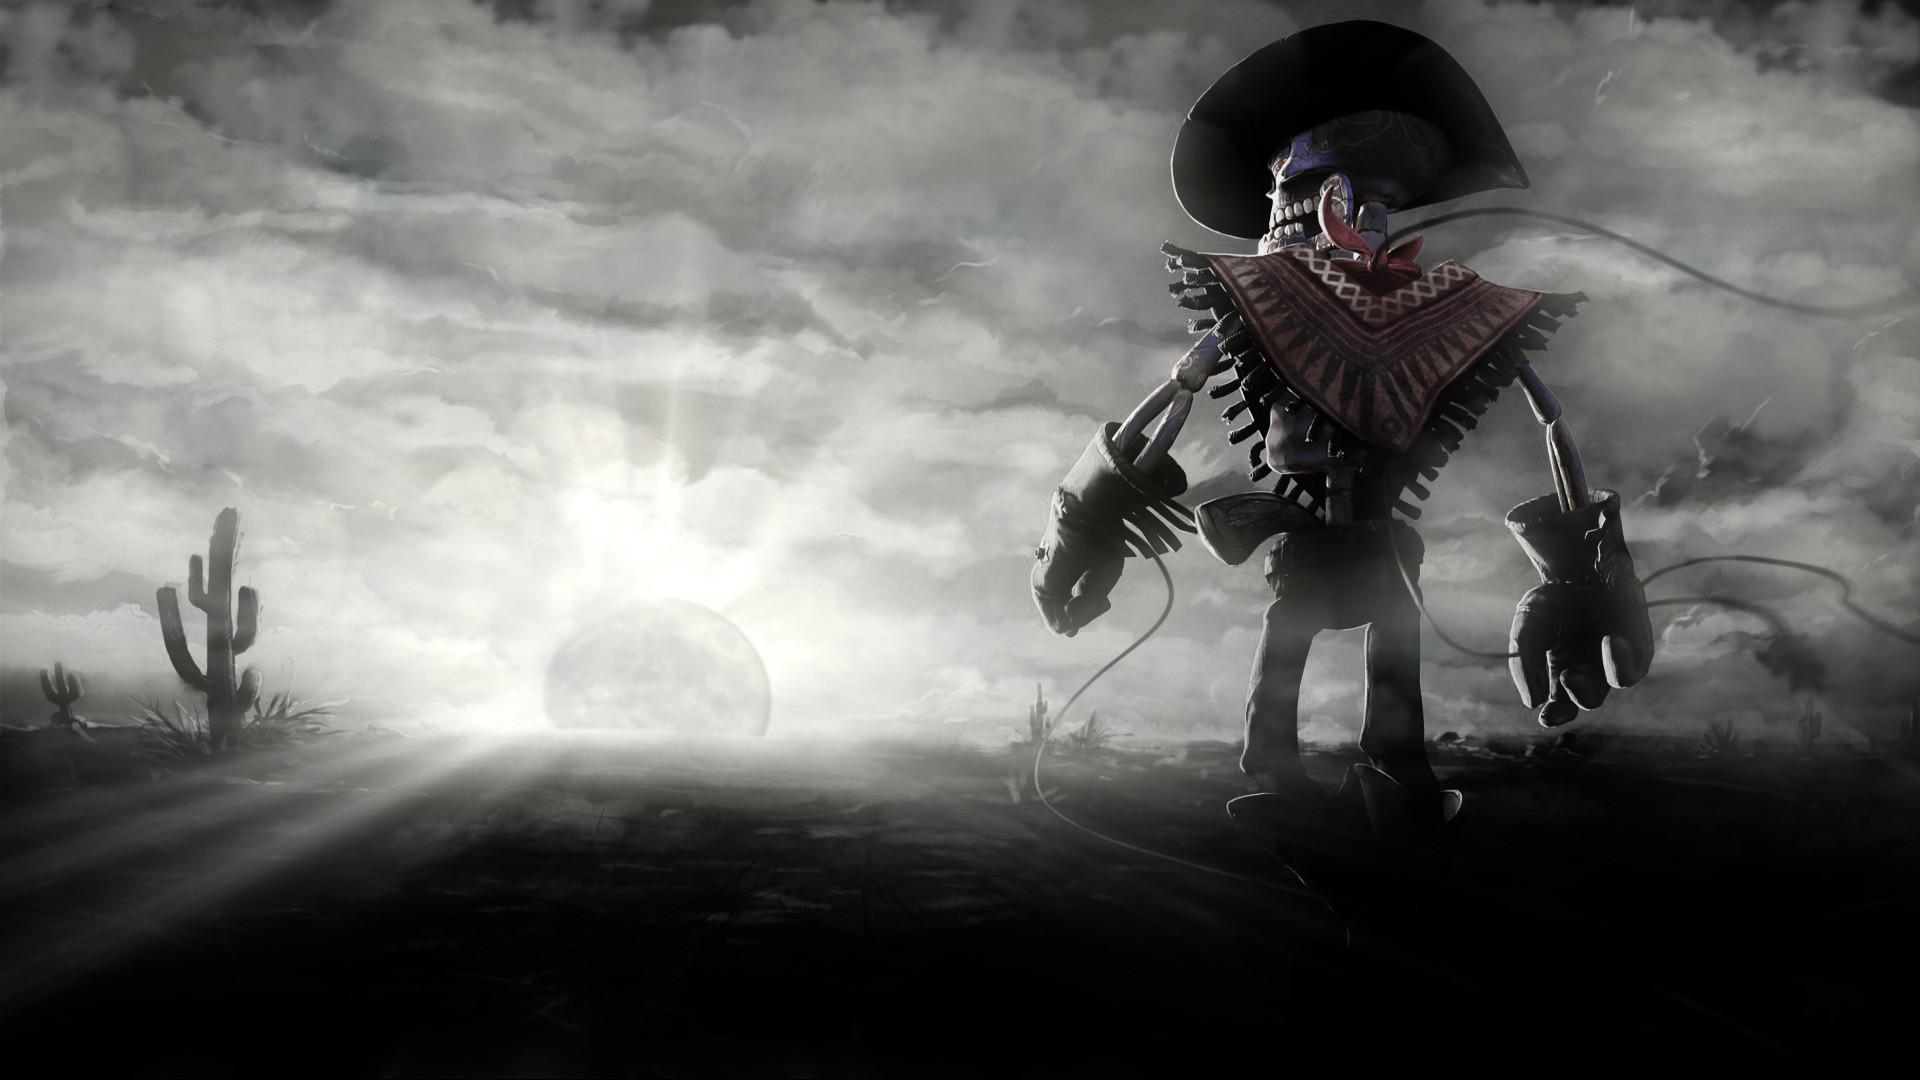 Spiegel Bildschirmhintergrund : Cowboy up wallpaper wallpapersafari